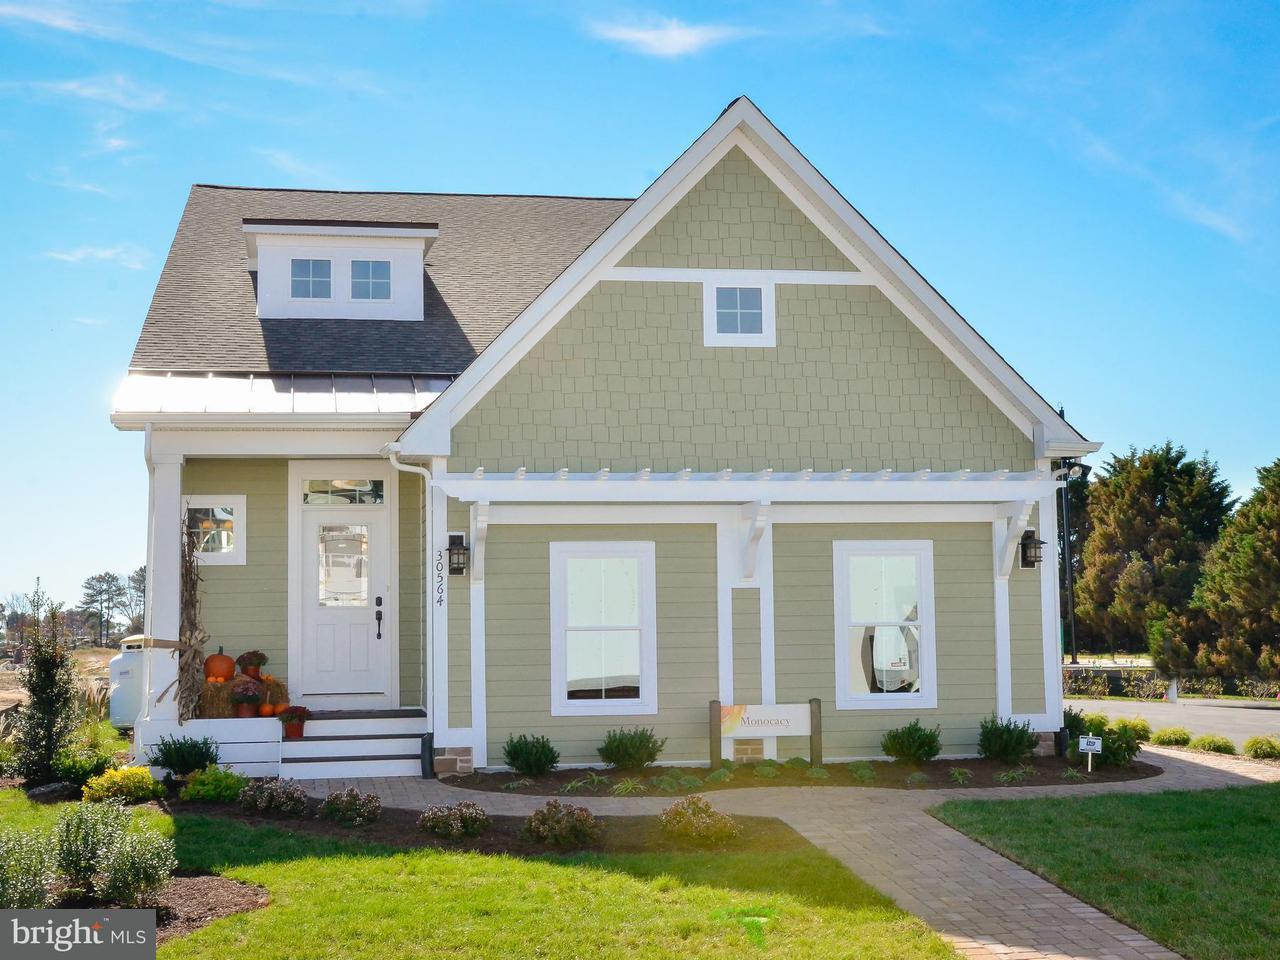 Einfamilienhaus für Verkauf beim 3014 TURNSTILE WAY 3014 TURNSTILE WAY Odenton, Maryland 21113 Vereinigte Staaten